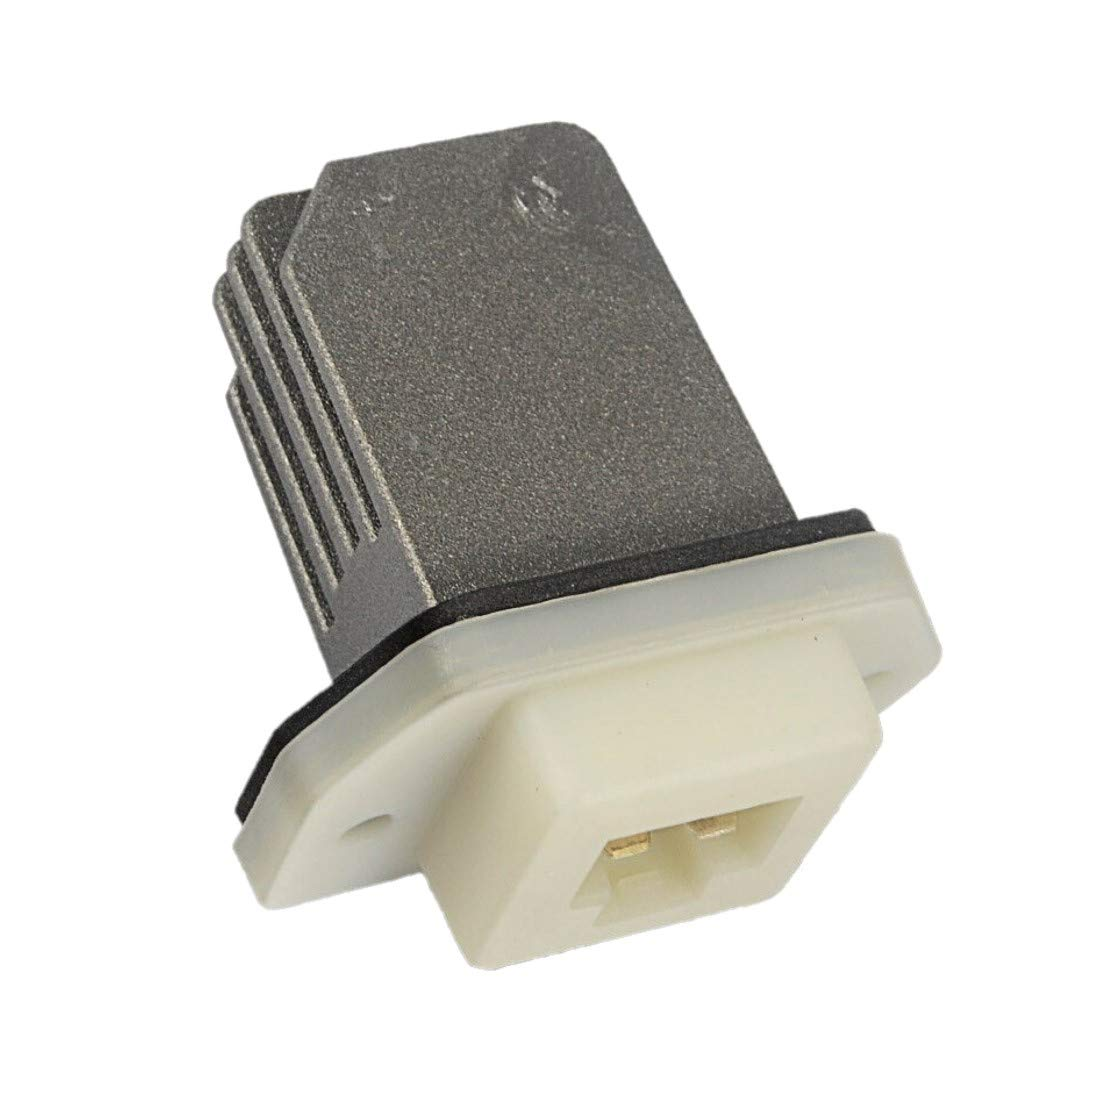 AC Heater Blower Motor Resistor for Nissan Rogue Sentra 2007-2012 NV1500 NV2500 NV3500 2012-2013